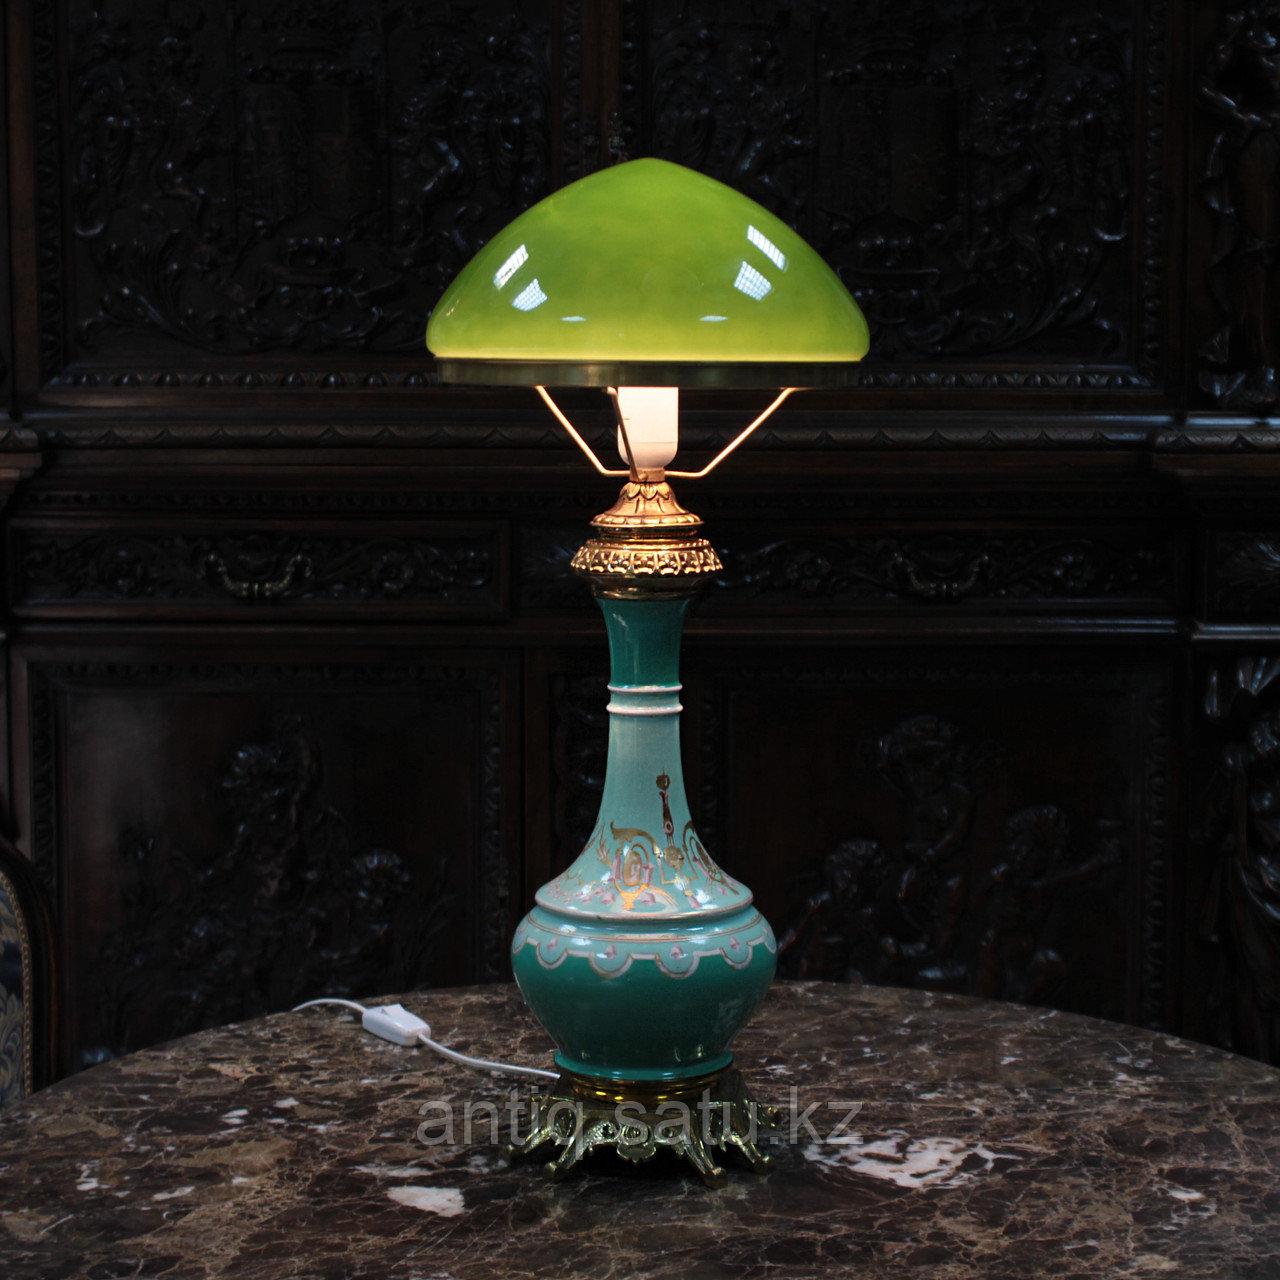 Настольная лампа с зеленым куполом. - фото 7